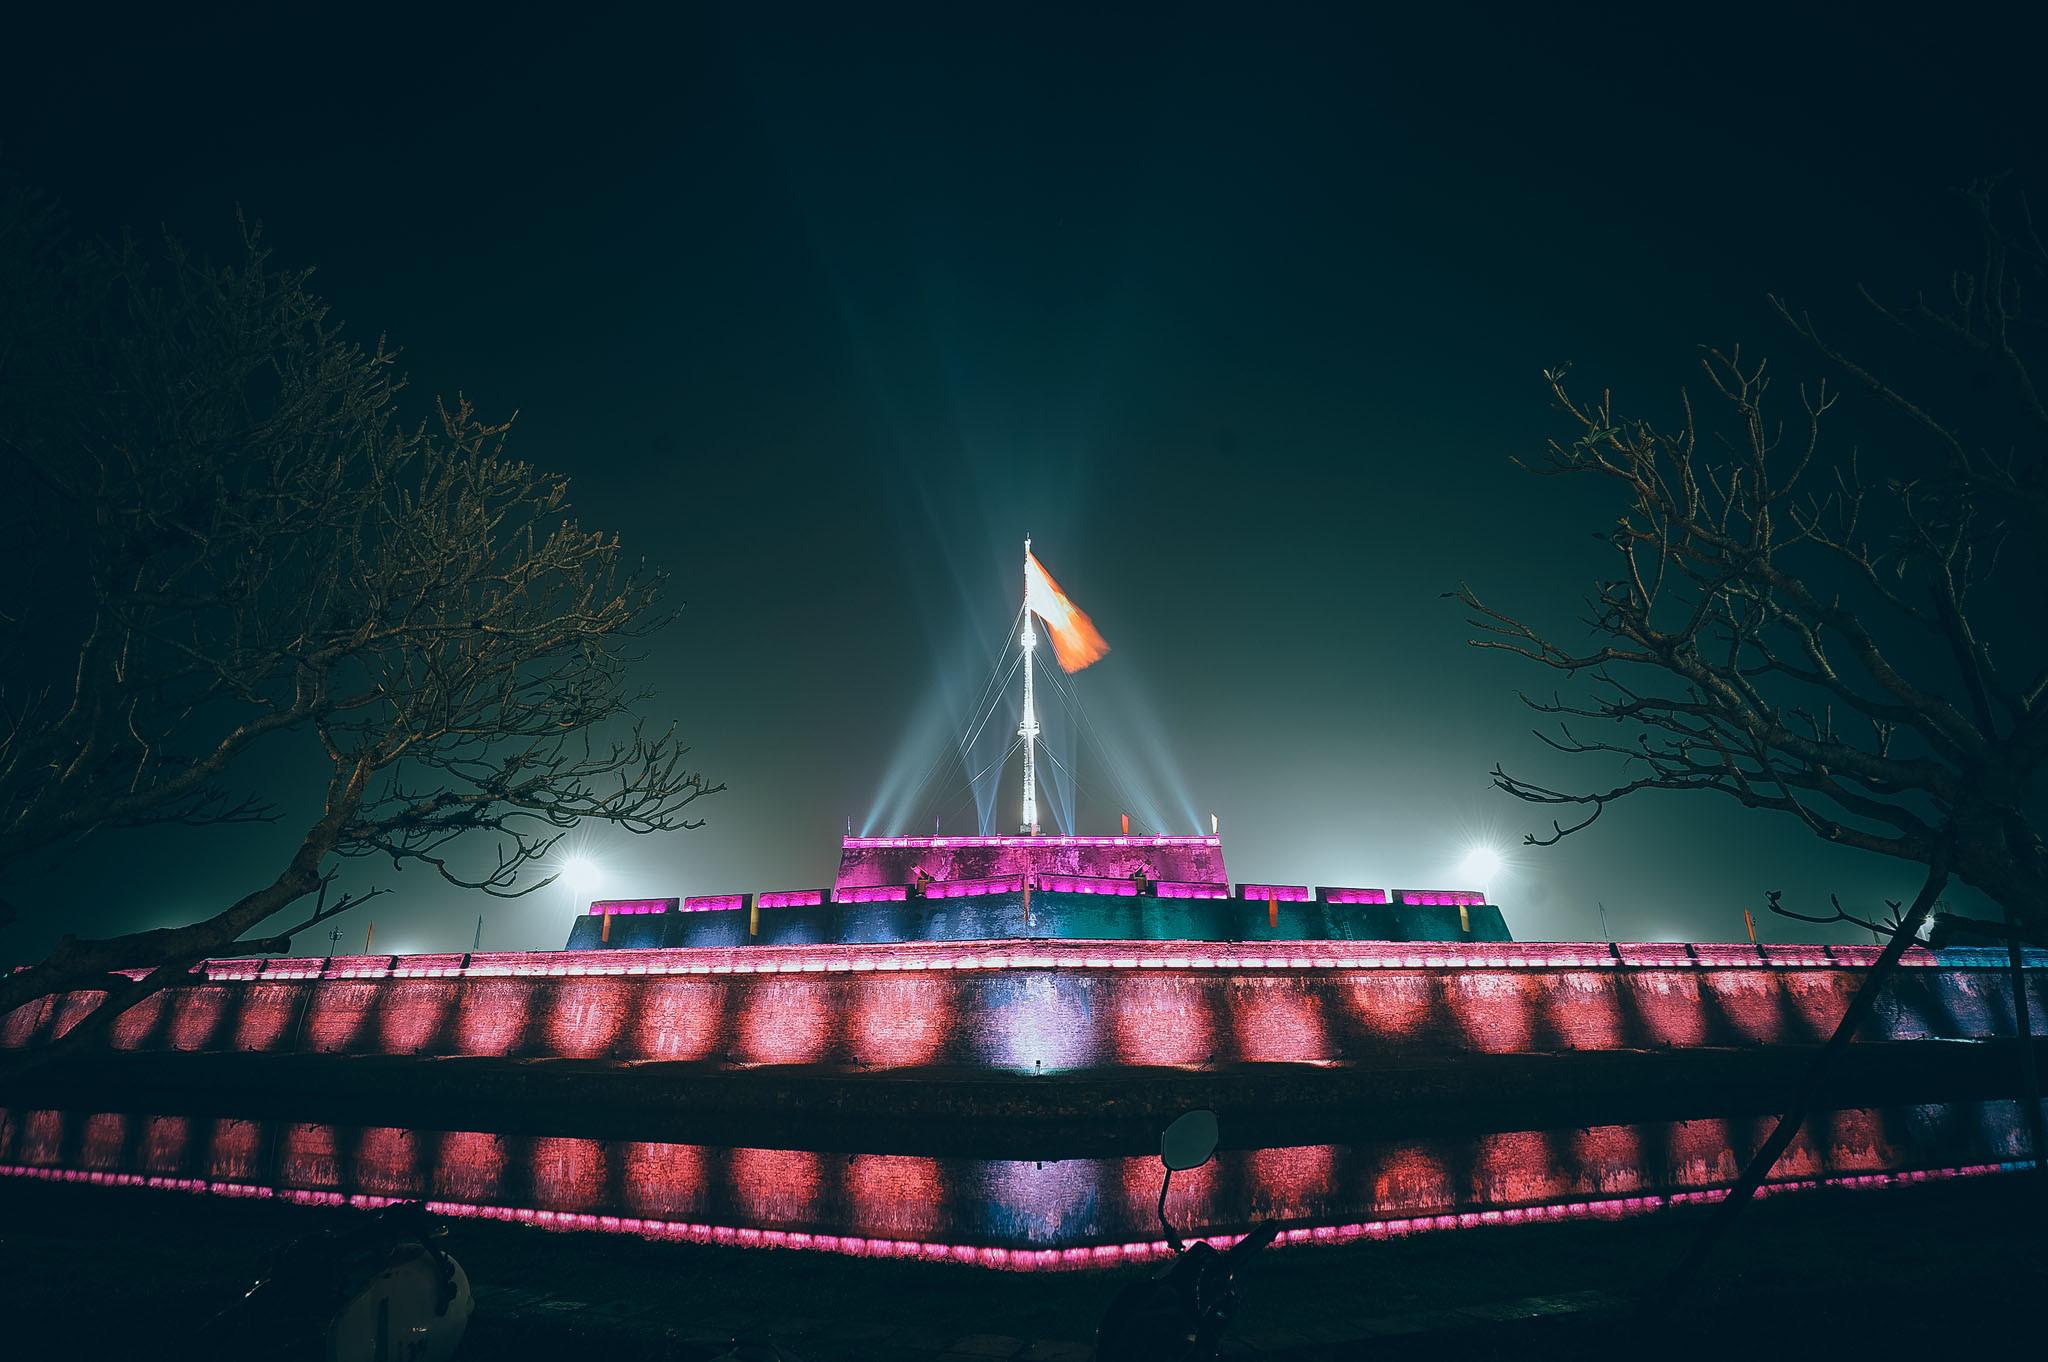 Thắp sáng Kỳ đài tại cố đô Huế bằng 1.000 bóng đèn LED